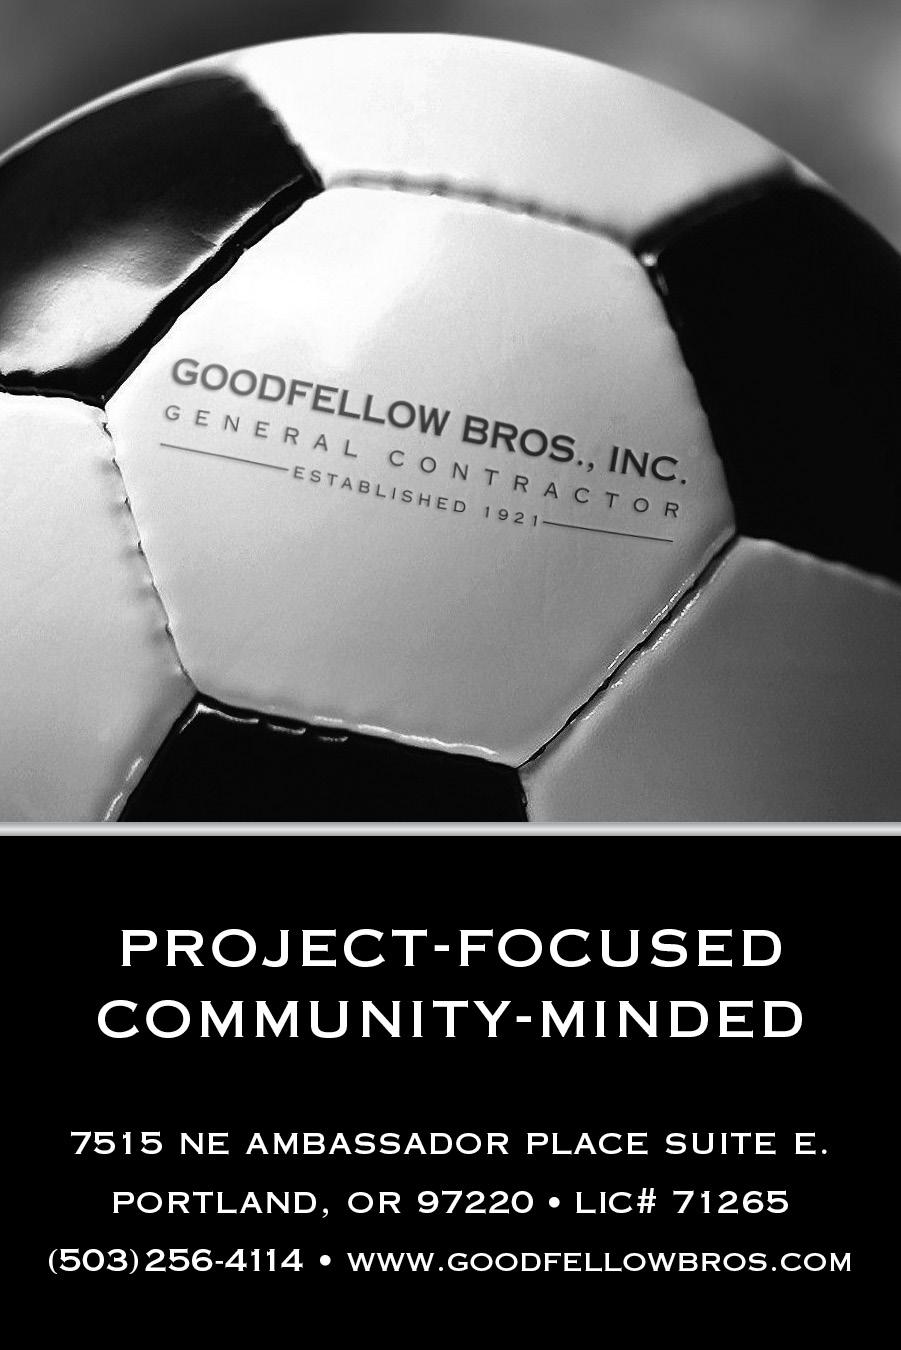 Oregon Soccer Fund Sponsorship (3 in. x 4 in.)  (554K)